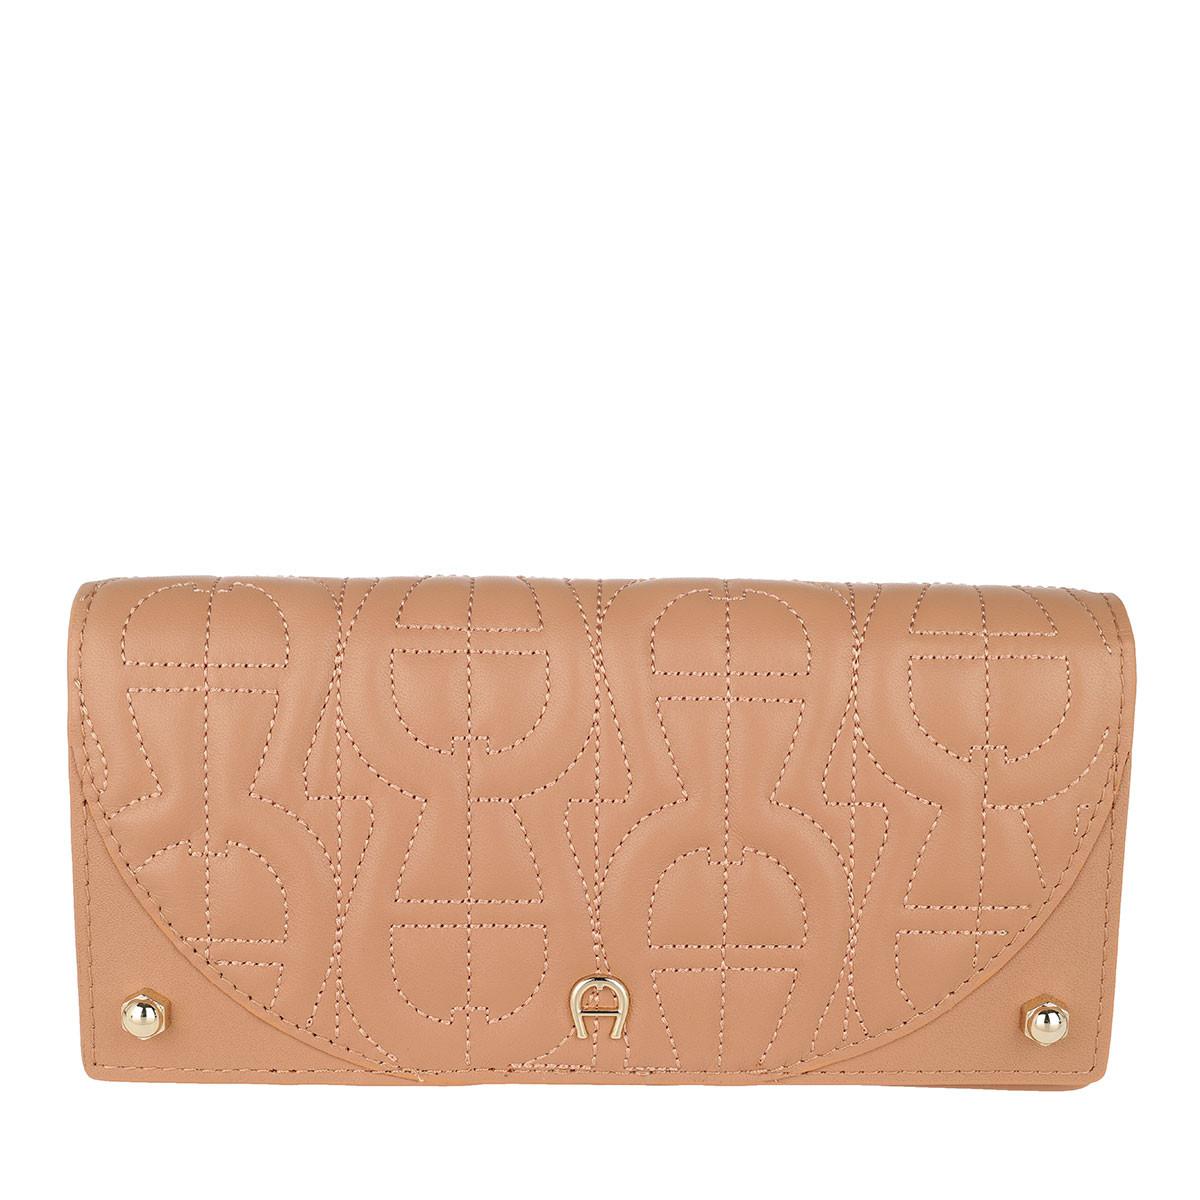 Aigner Portemonnaie - Diadora Wallet Vacchetta Brown - in beige - für Damen